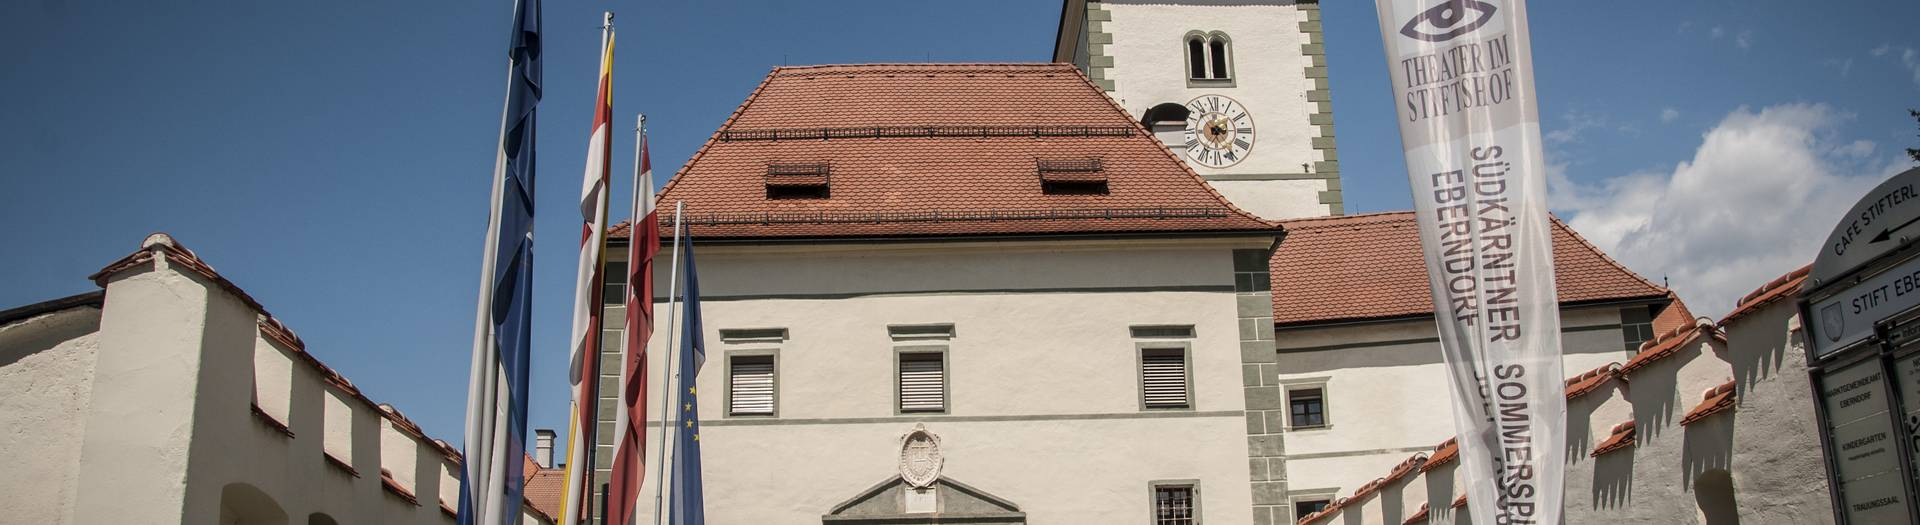 Stift Eberndorf in Eberndorf in Südkärnten Klopeiner See